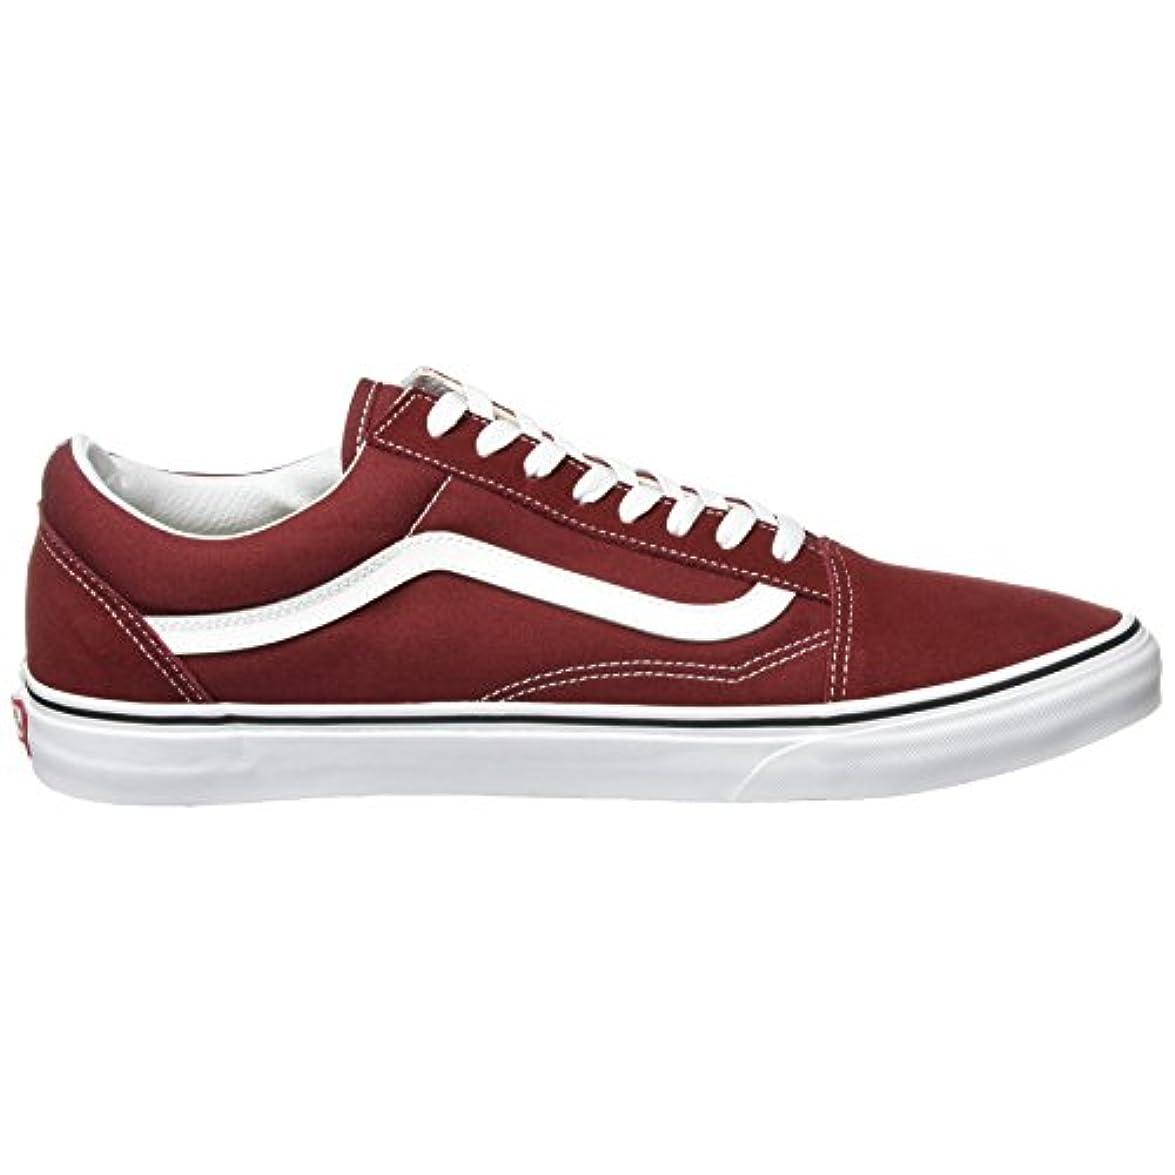 Vans Old Skool Sneaker Unisex – Adulto